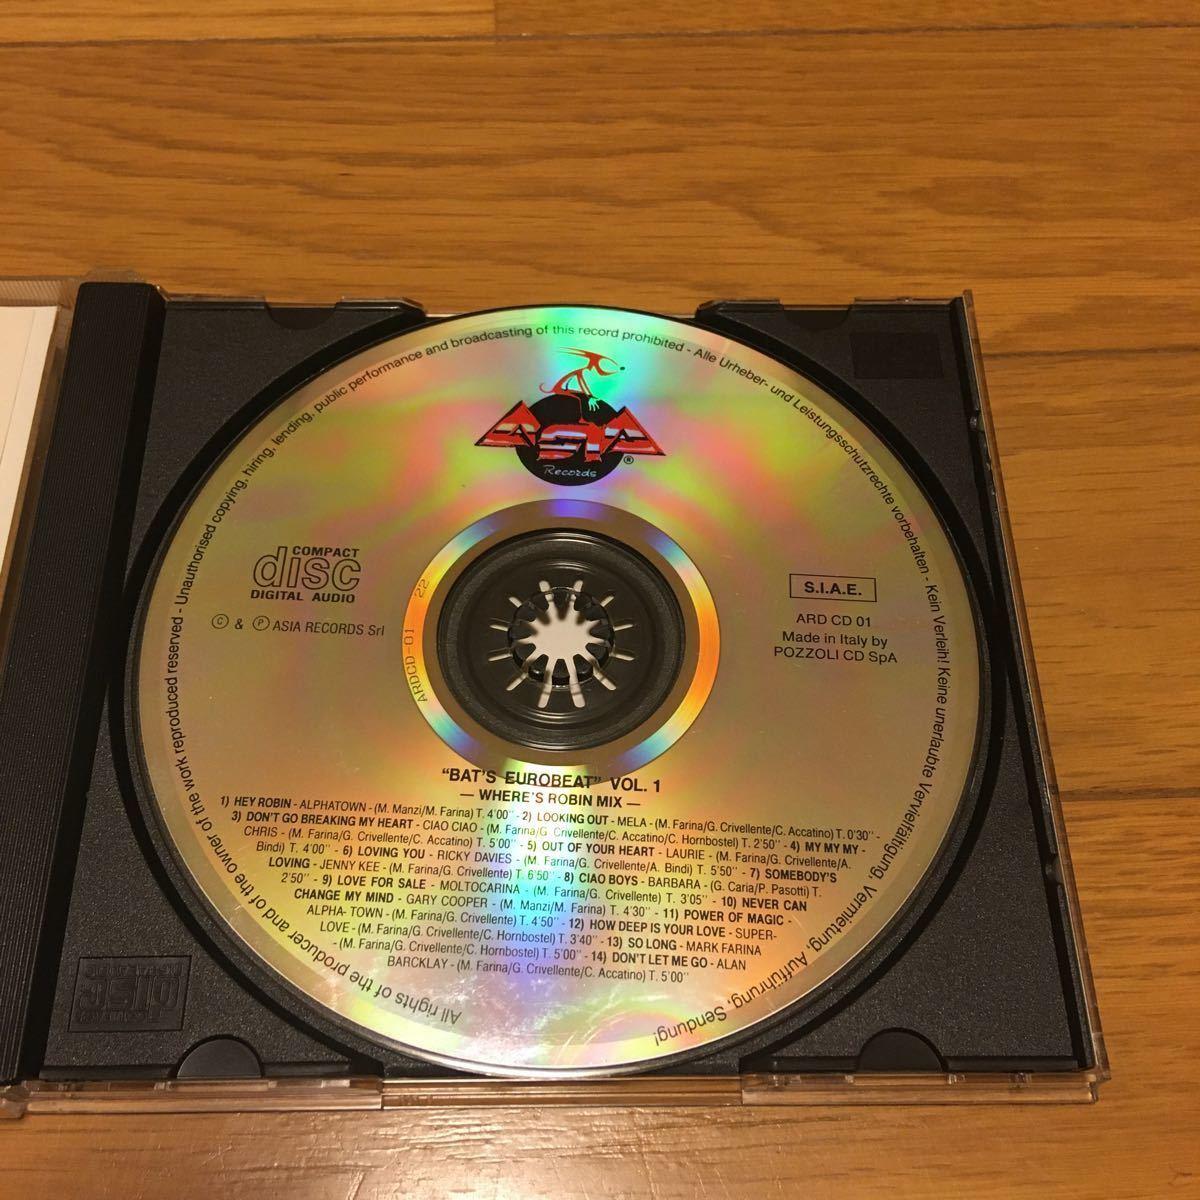 ネコポス送料無料☆BAT'S Eurobeat vol.1 WHERES・ROBIN・MIX☆バッツ ユーロビート vol.1☆イタリアASIAレーベル☆希少盤_画像4